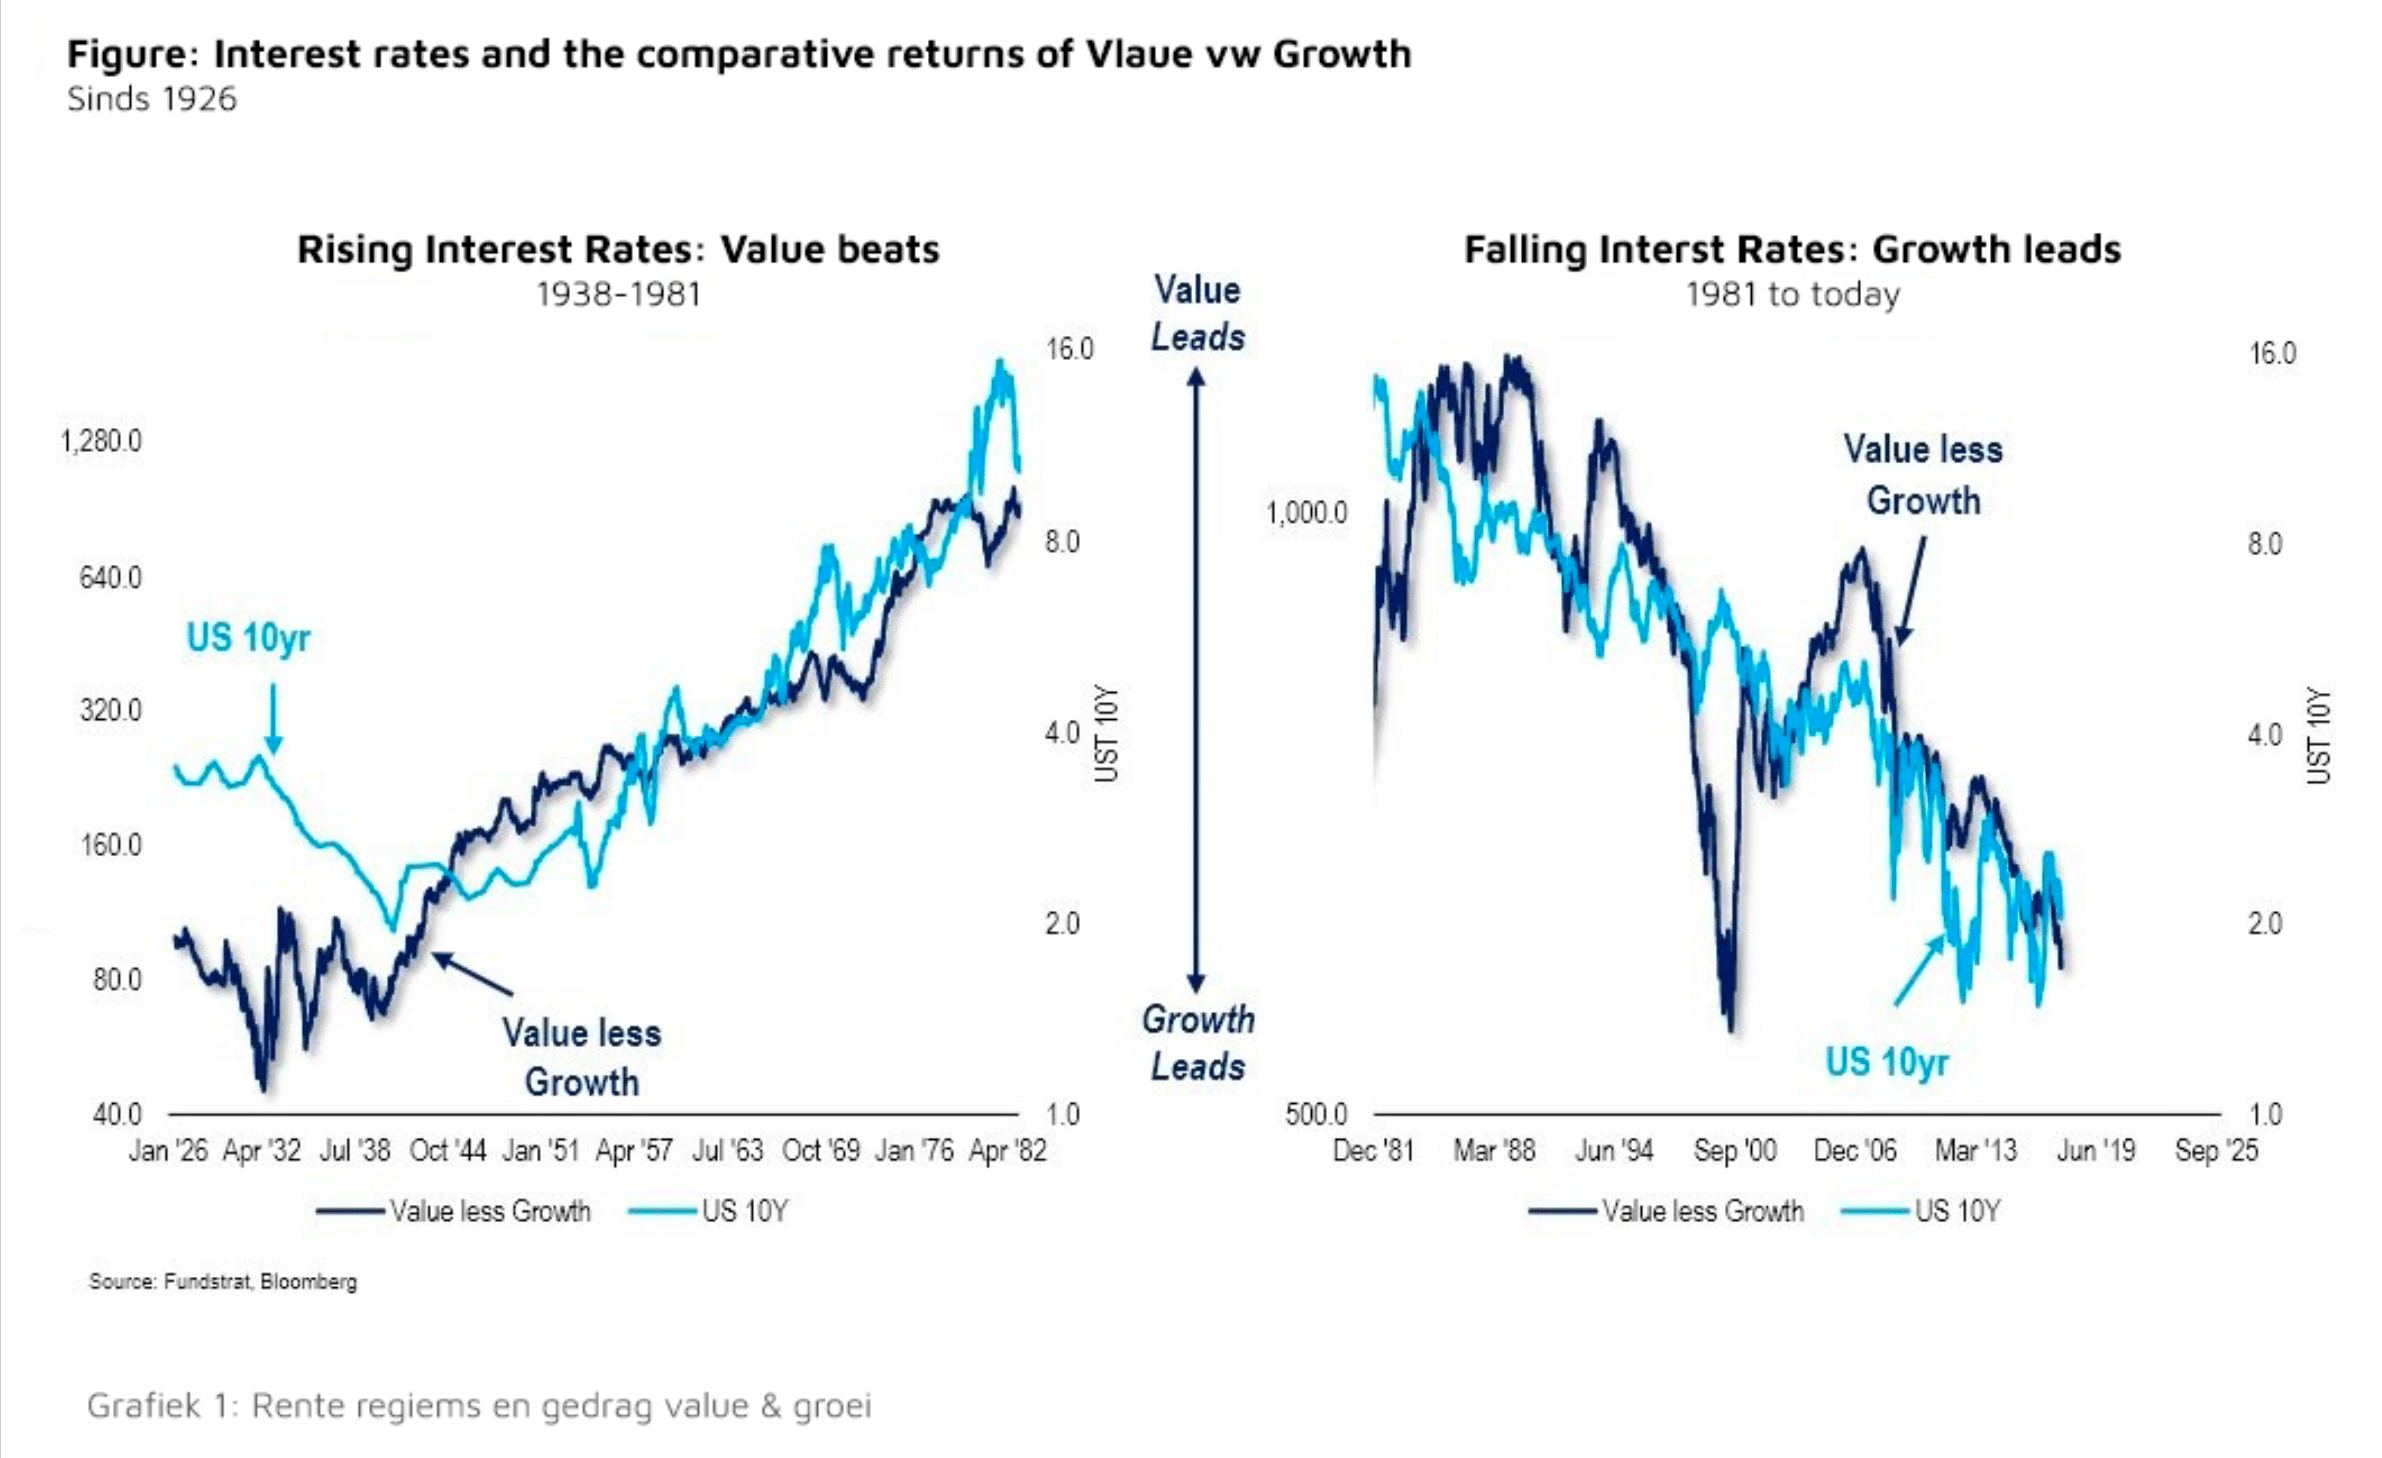 Grafiek 1: Rente regiems en gedrag value & groei